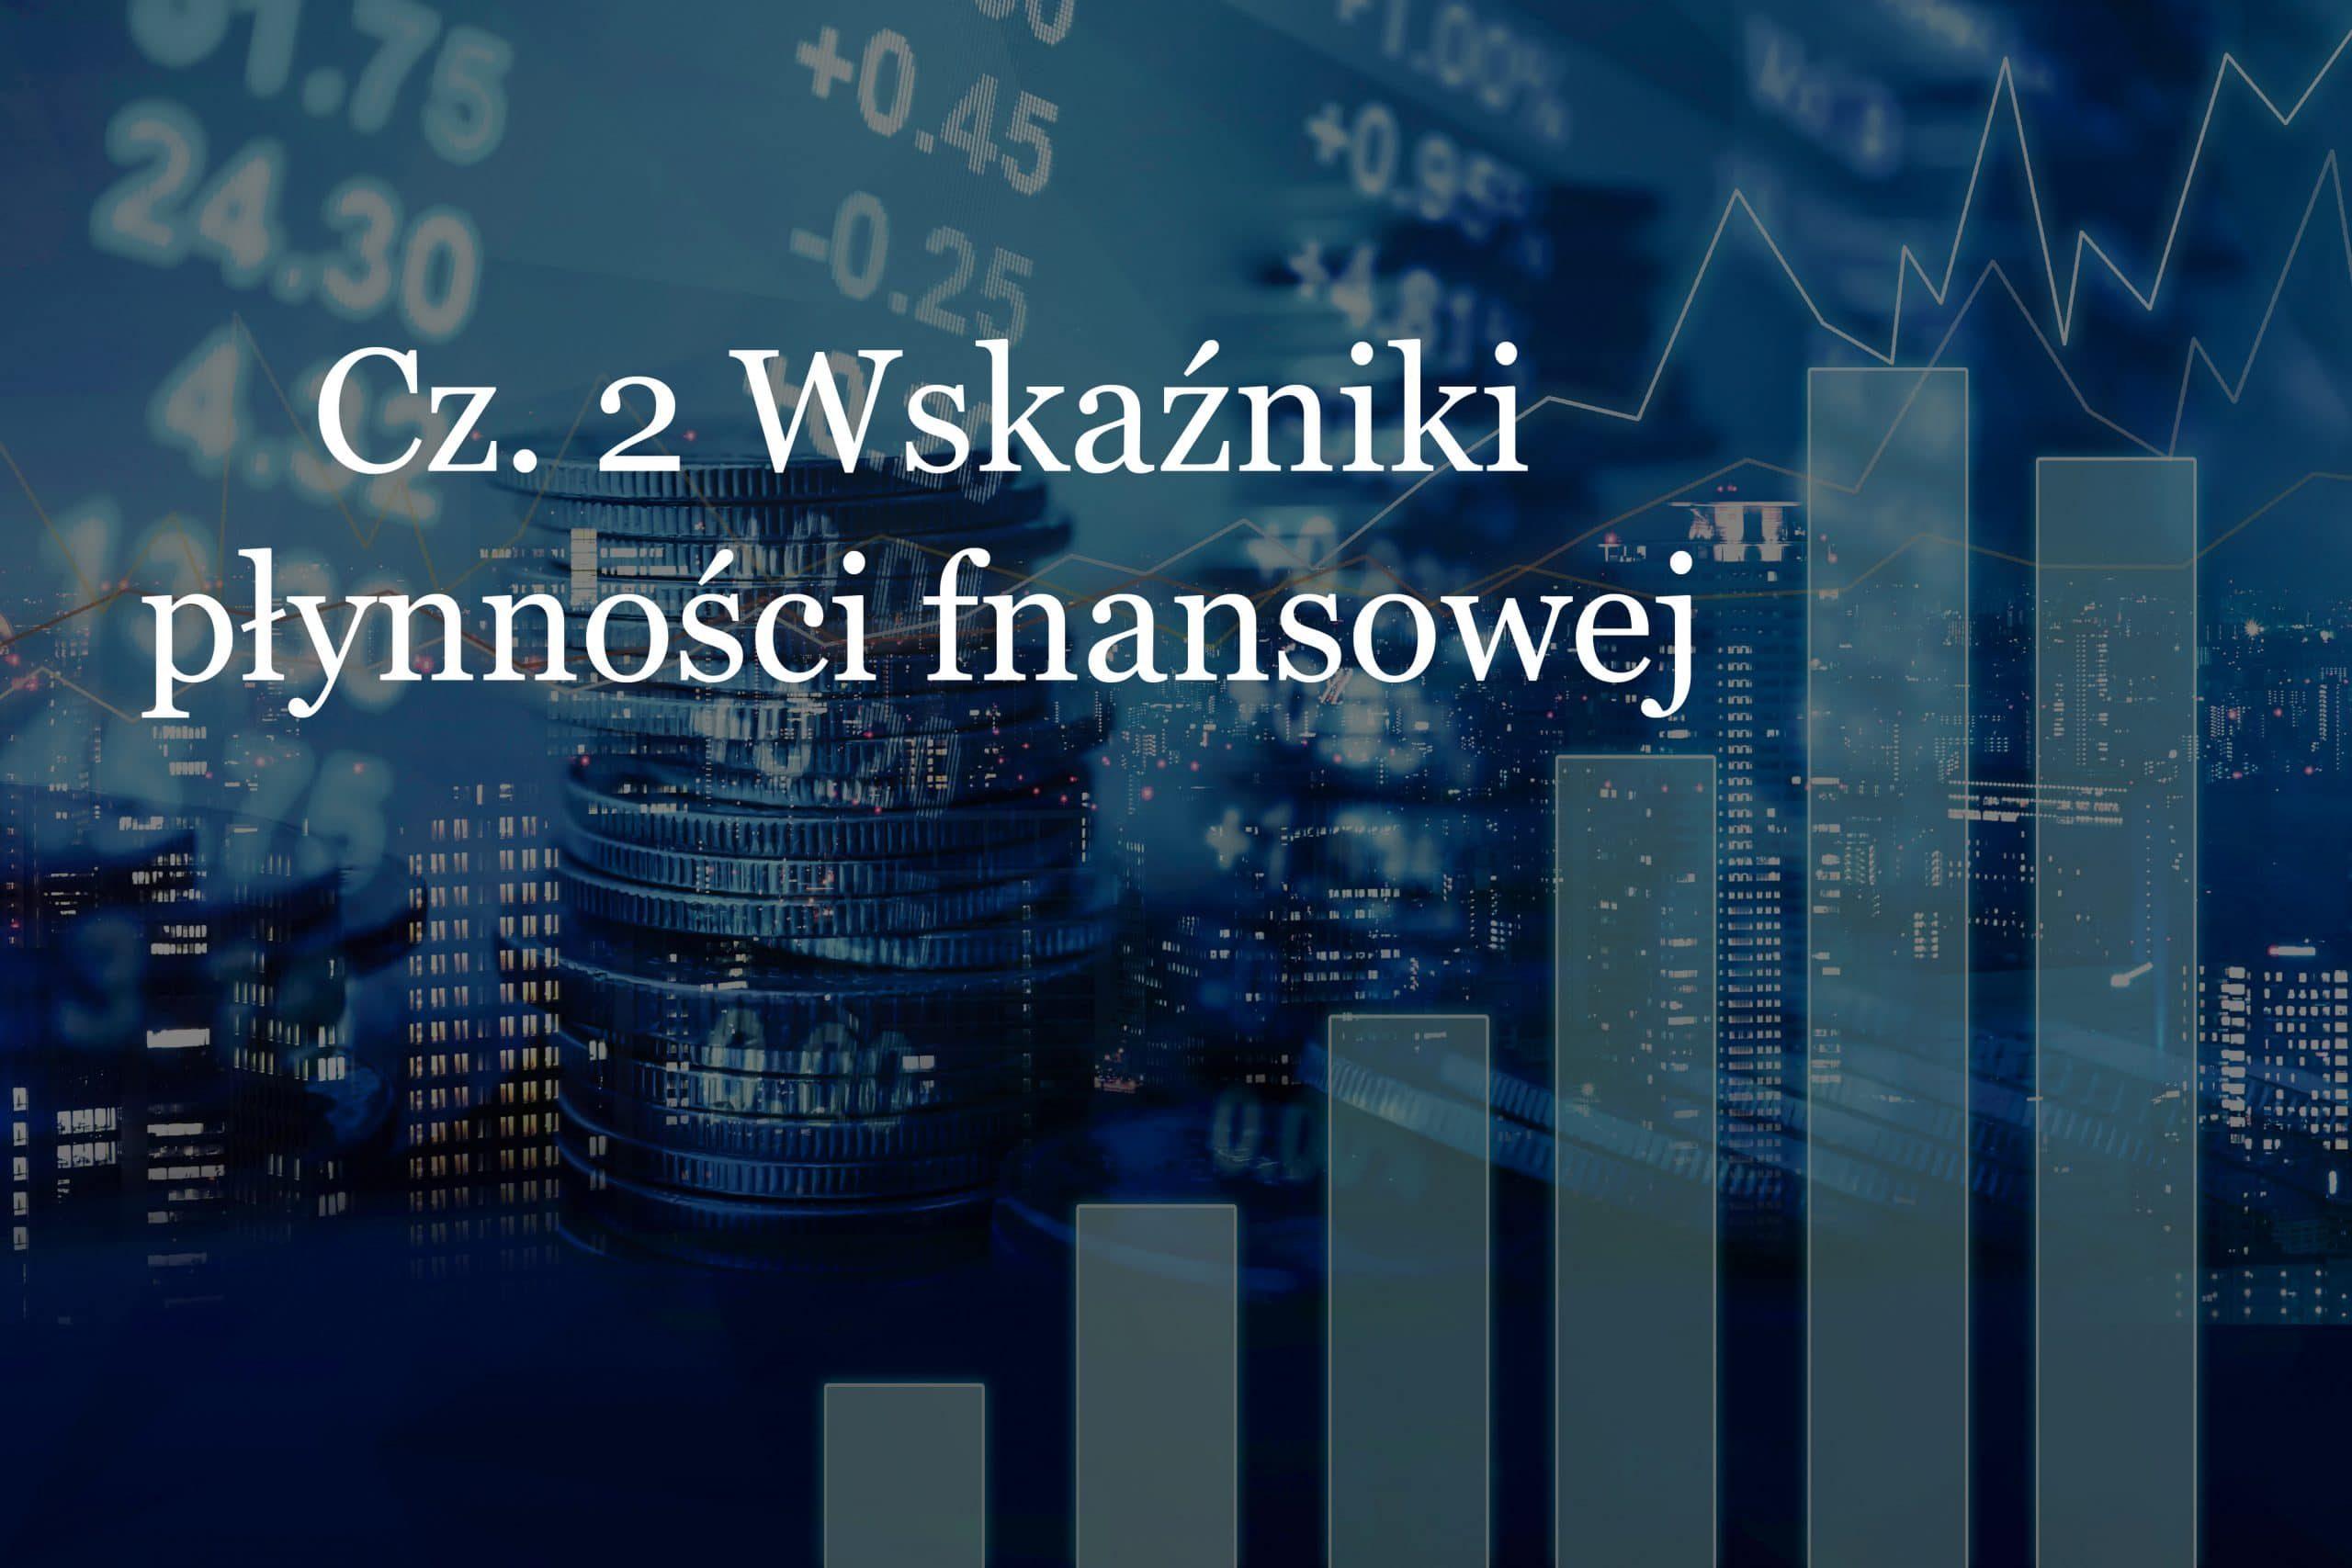 Płynność finansowa w firmie - wksaźniki płynności finansowej | Eveneum, doradztwo biznesowe, doradztwo strategiczne, audyty firm